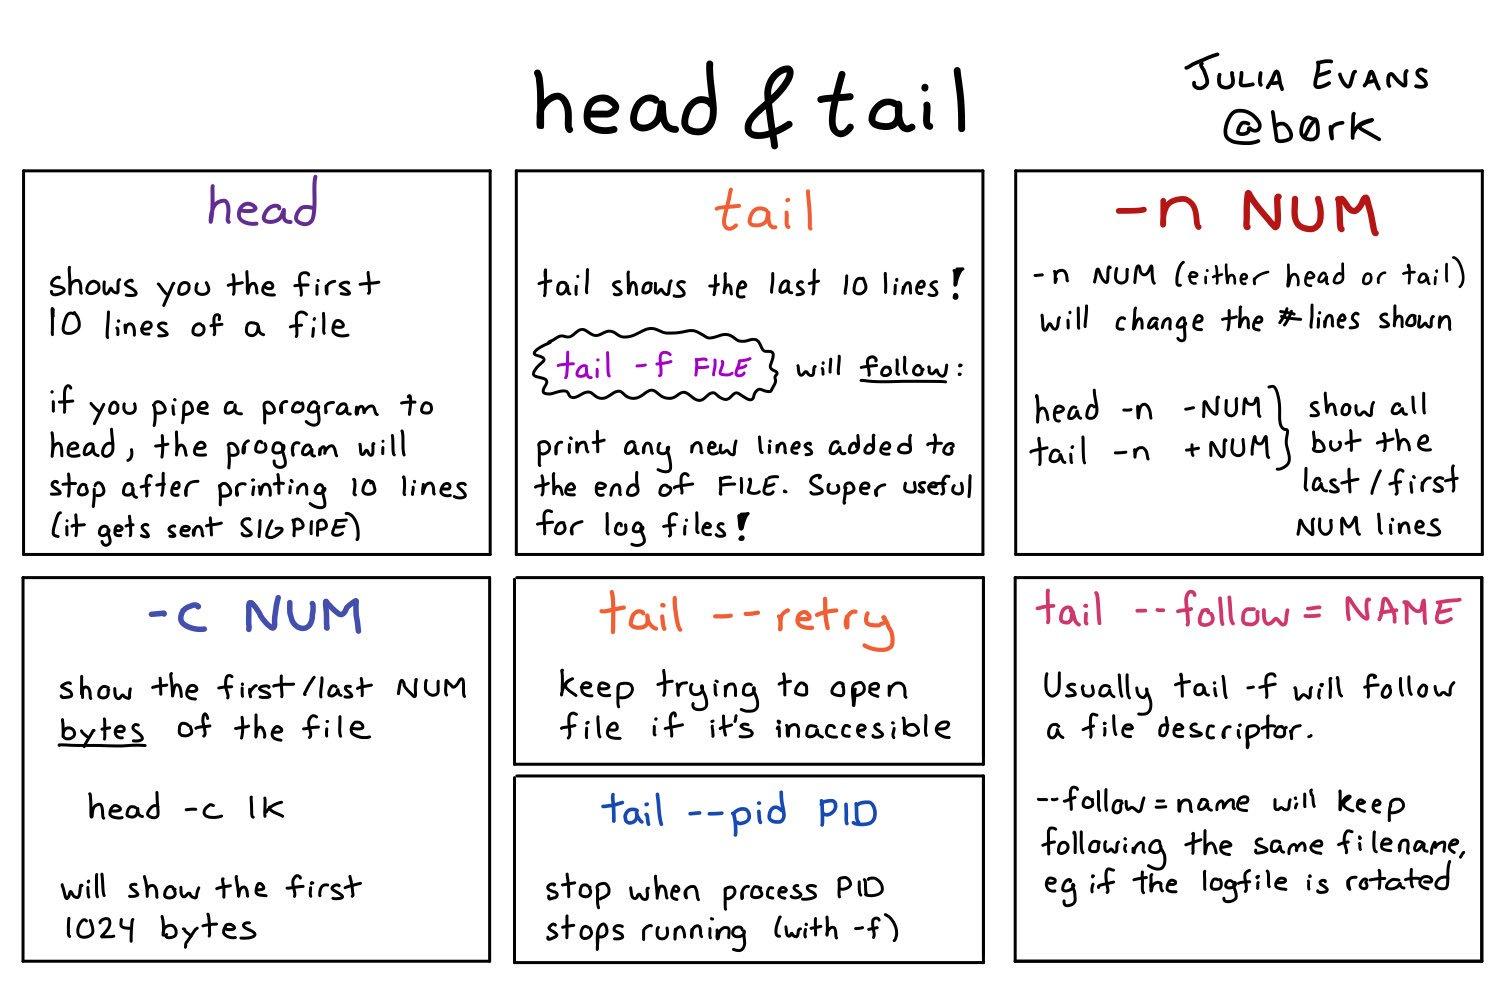 head & tail https://t.co/crPc0GtZP9